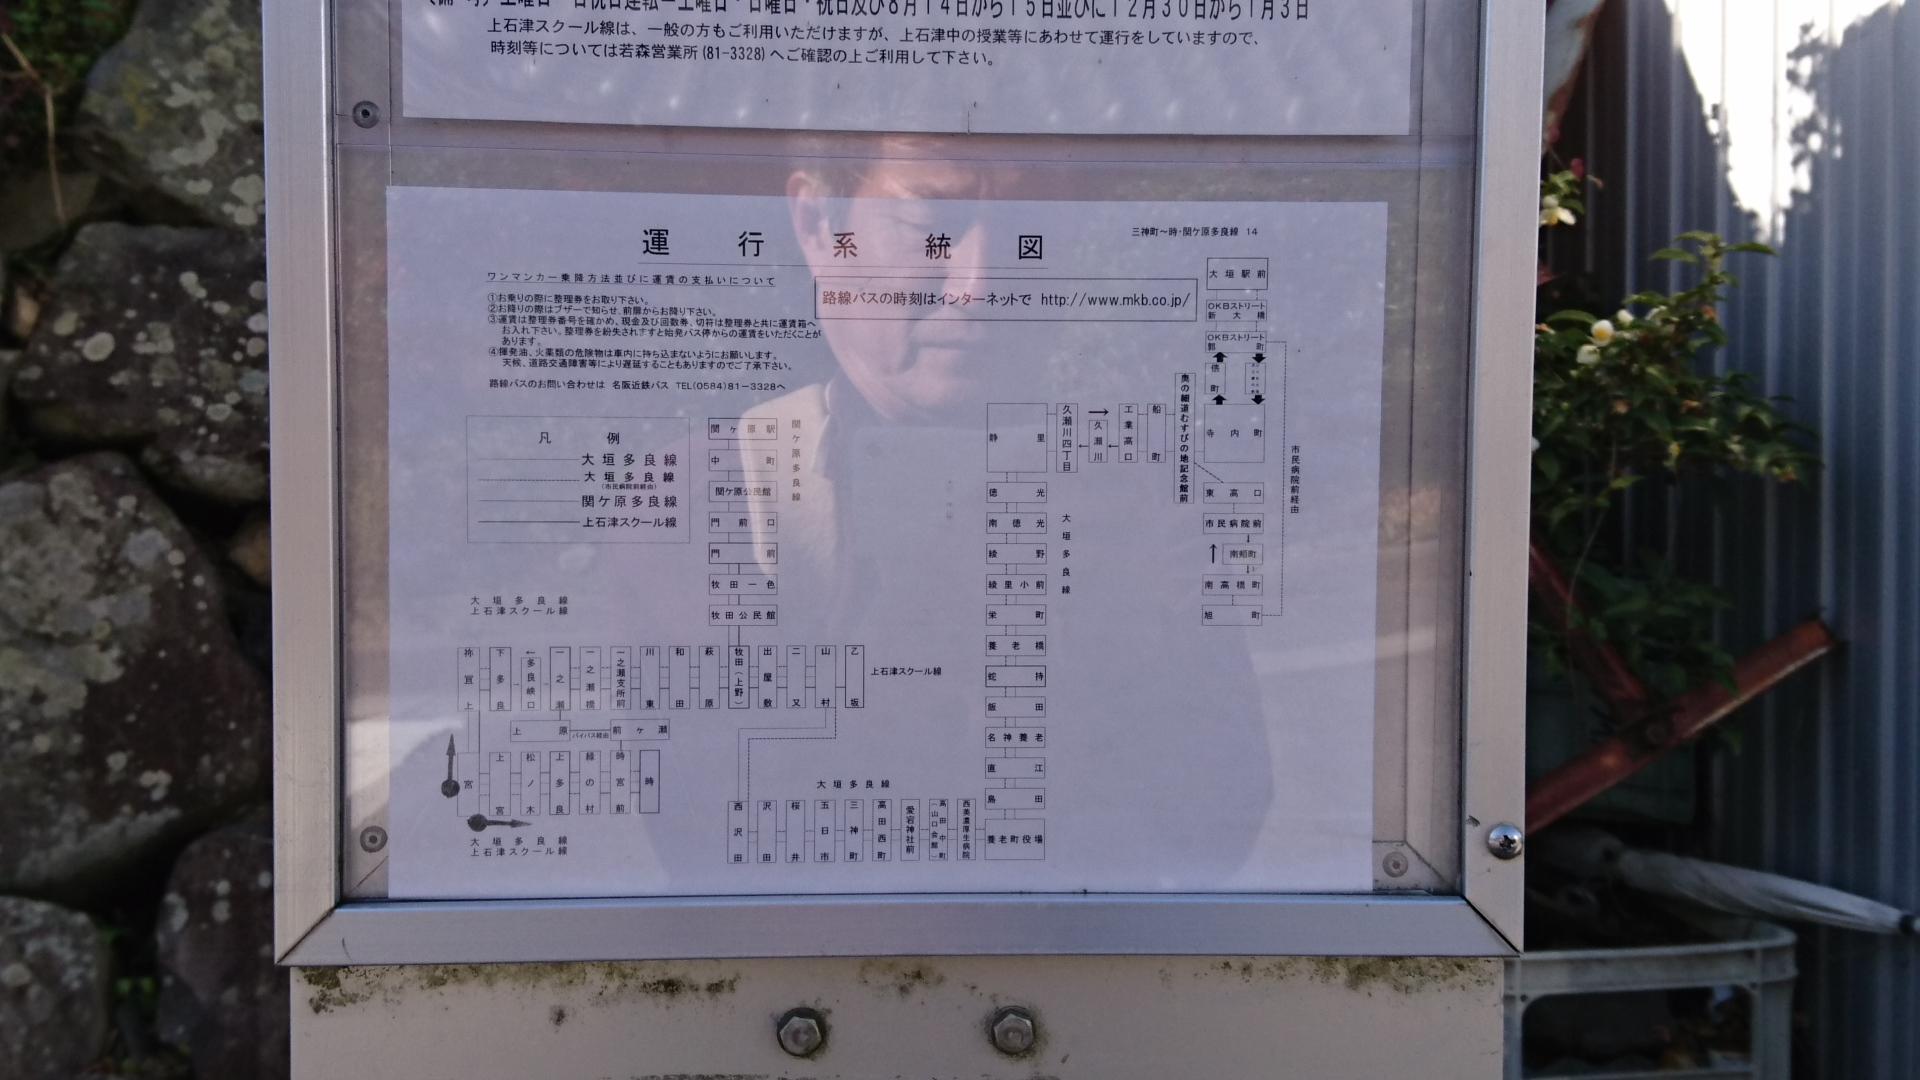 2016.11.16 上石津 (57) 宮 - 宮バス停 - 運行系統図